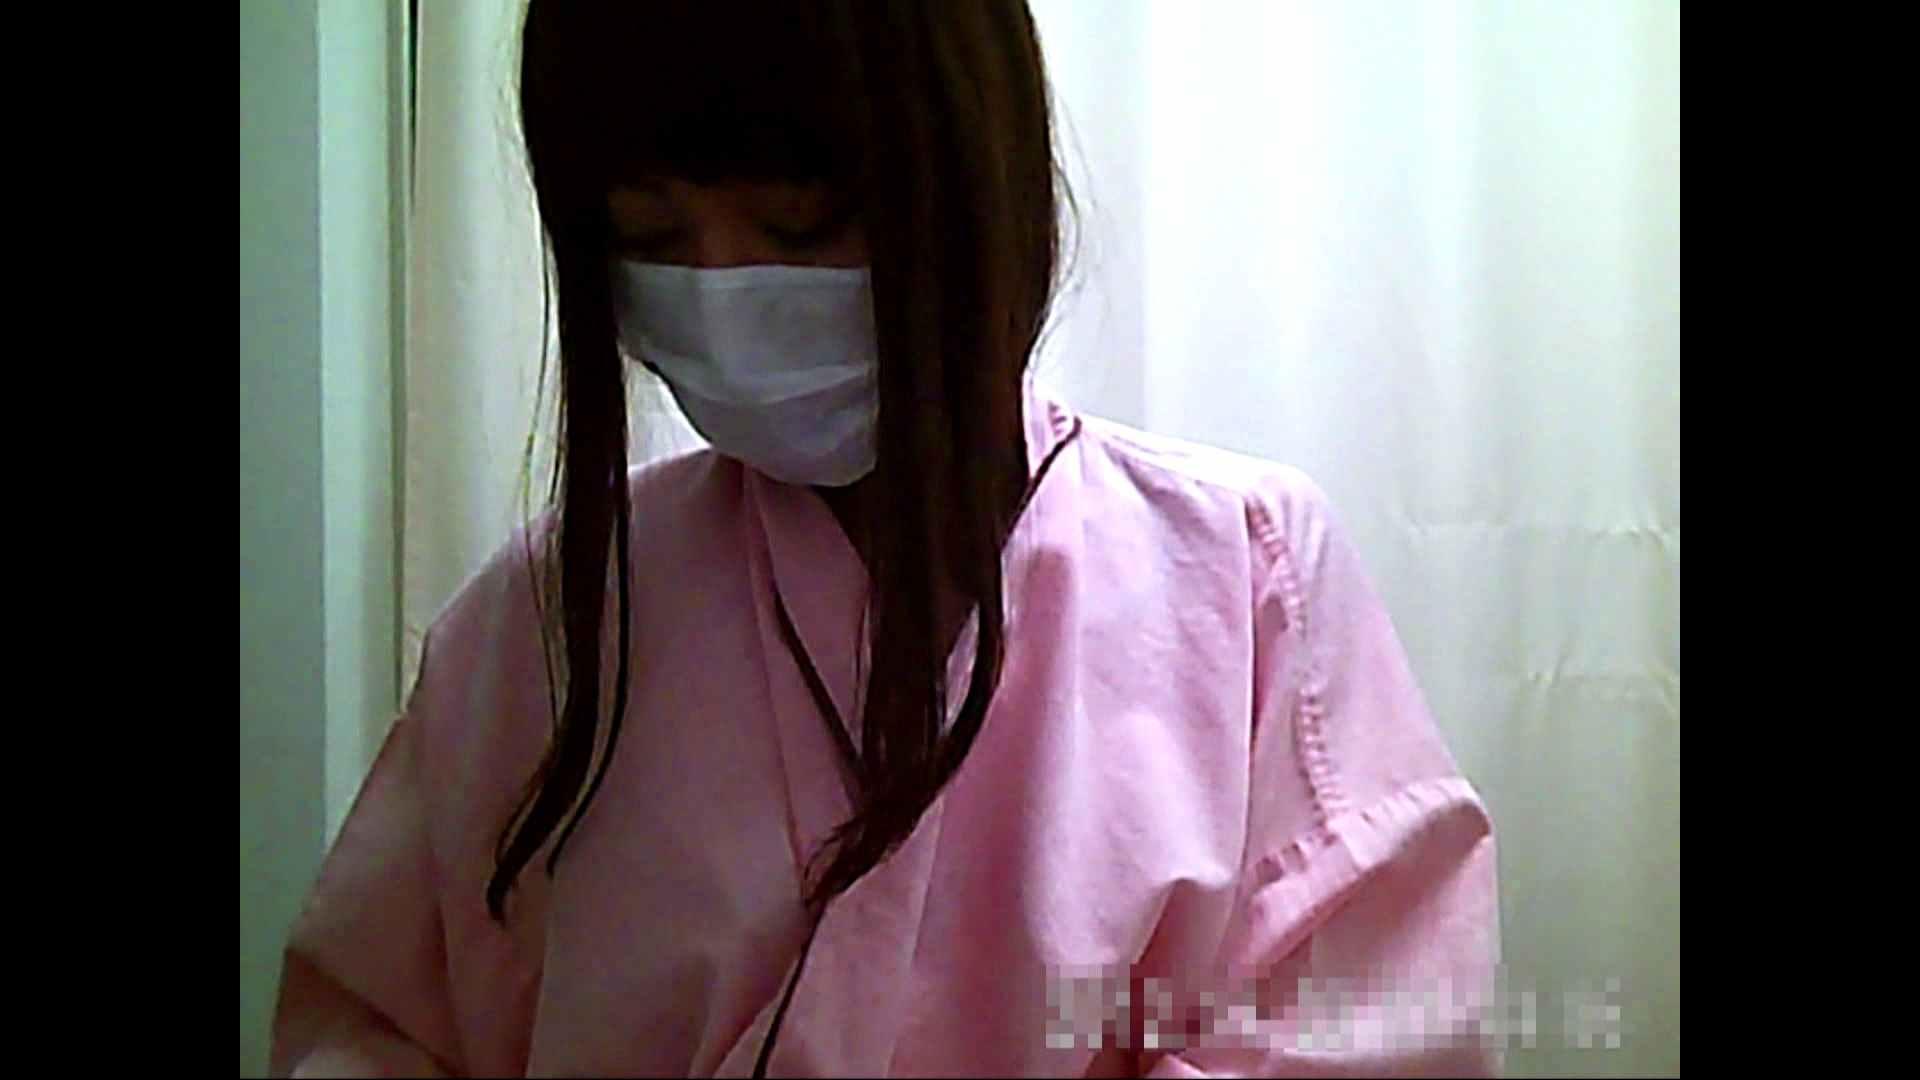 元医者による反抗 更衣室地獄絵巻 vol.139 OLの実態 | 0  57pic 3